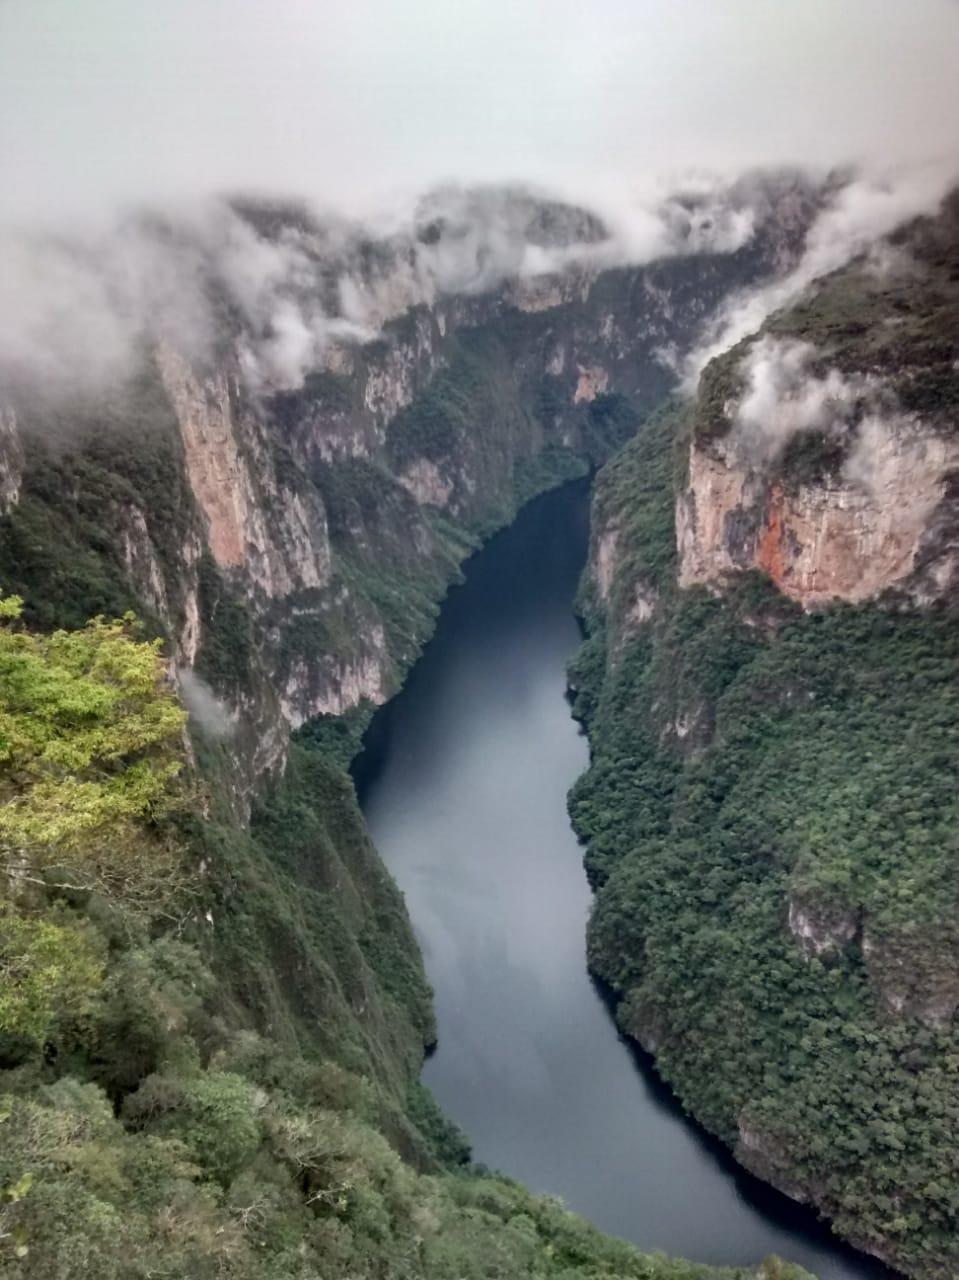 Parque Nacional Cañón del Sumidero-Chiapas